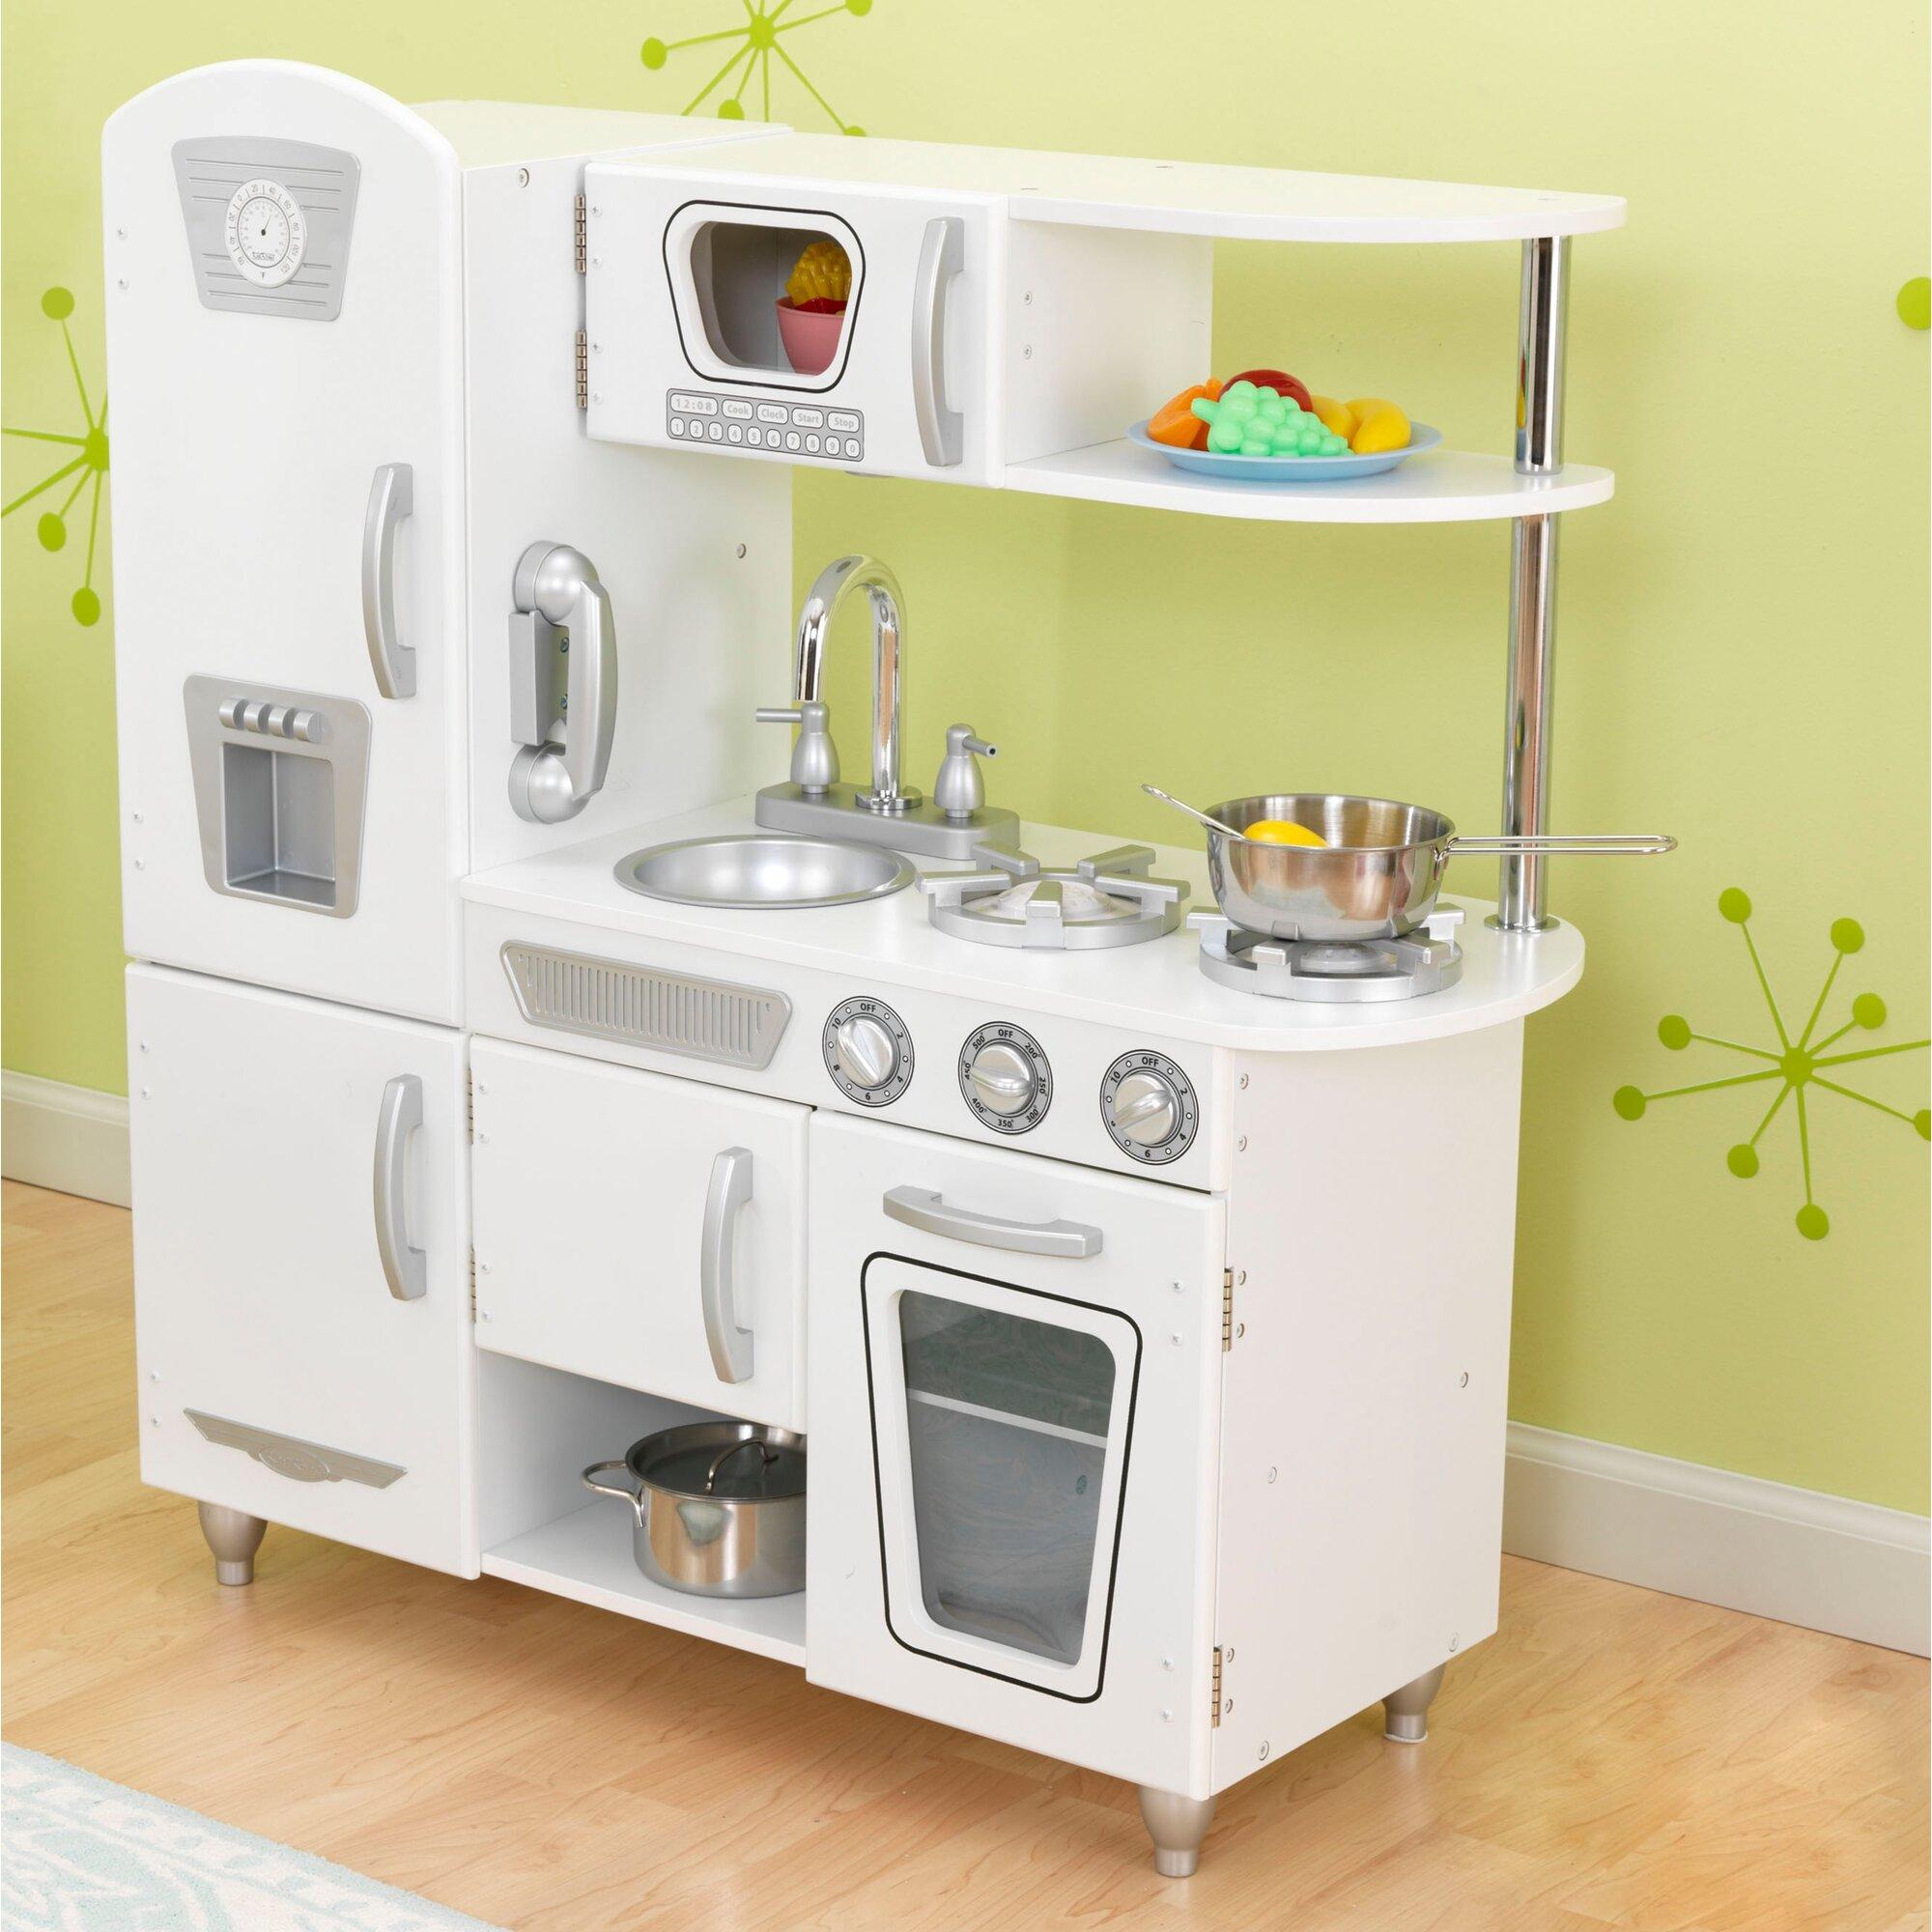 Kidcraft retro kitchen - Vintage Kitchen